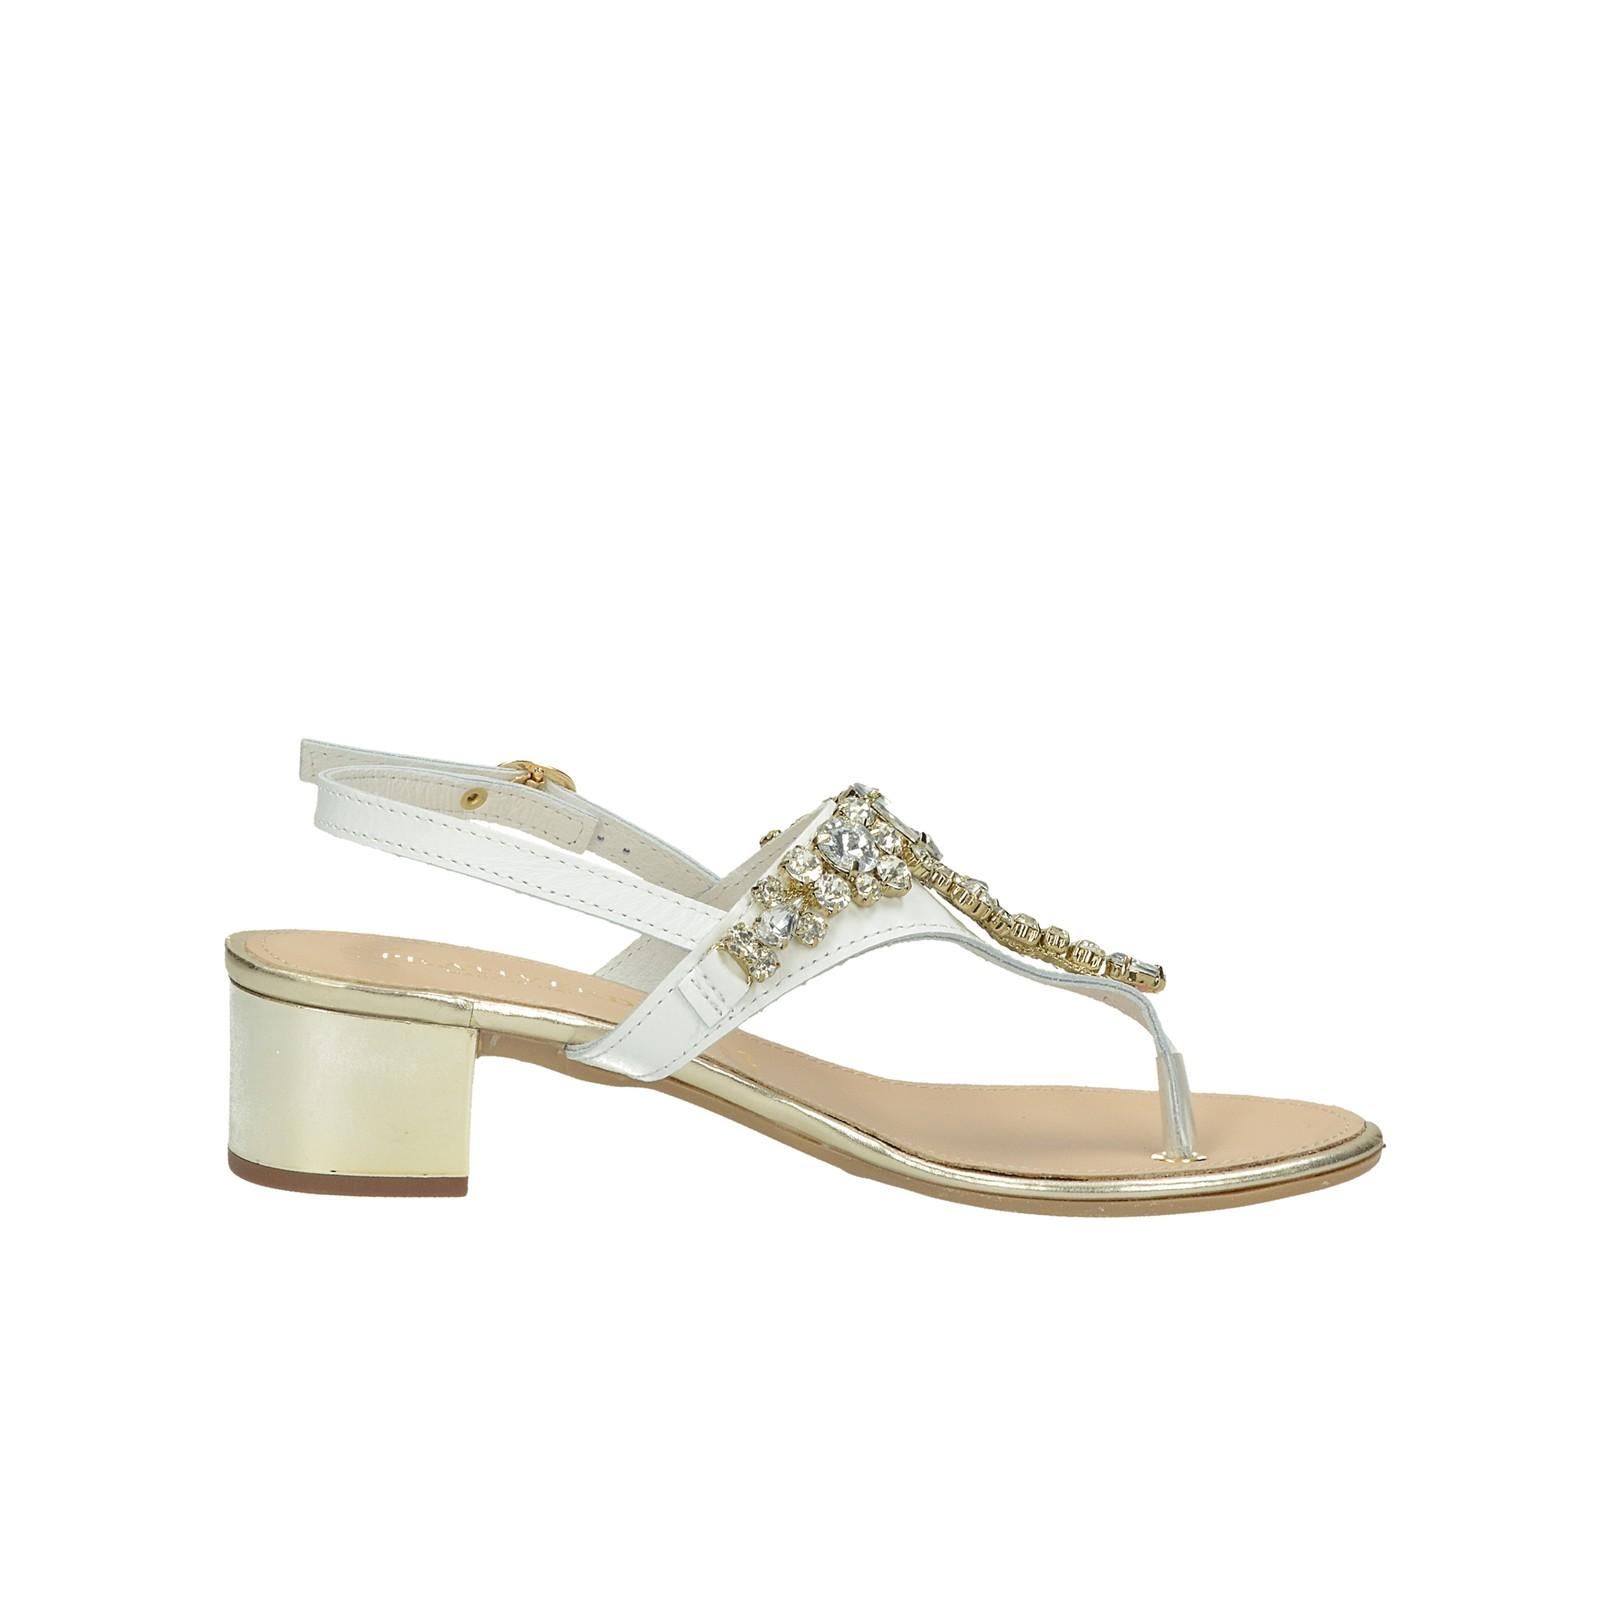 2ed622f5a48e8 ... Prativerdi dámske elegantné sandále s ozdobnými kamienkami - biele ...